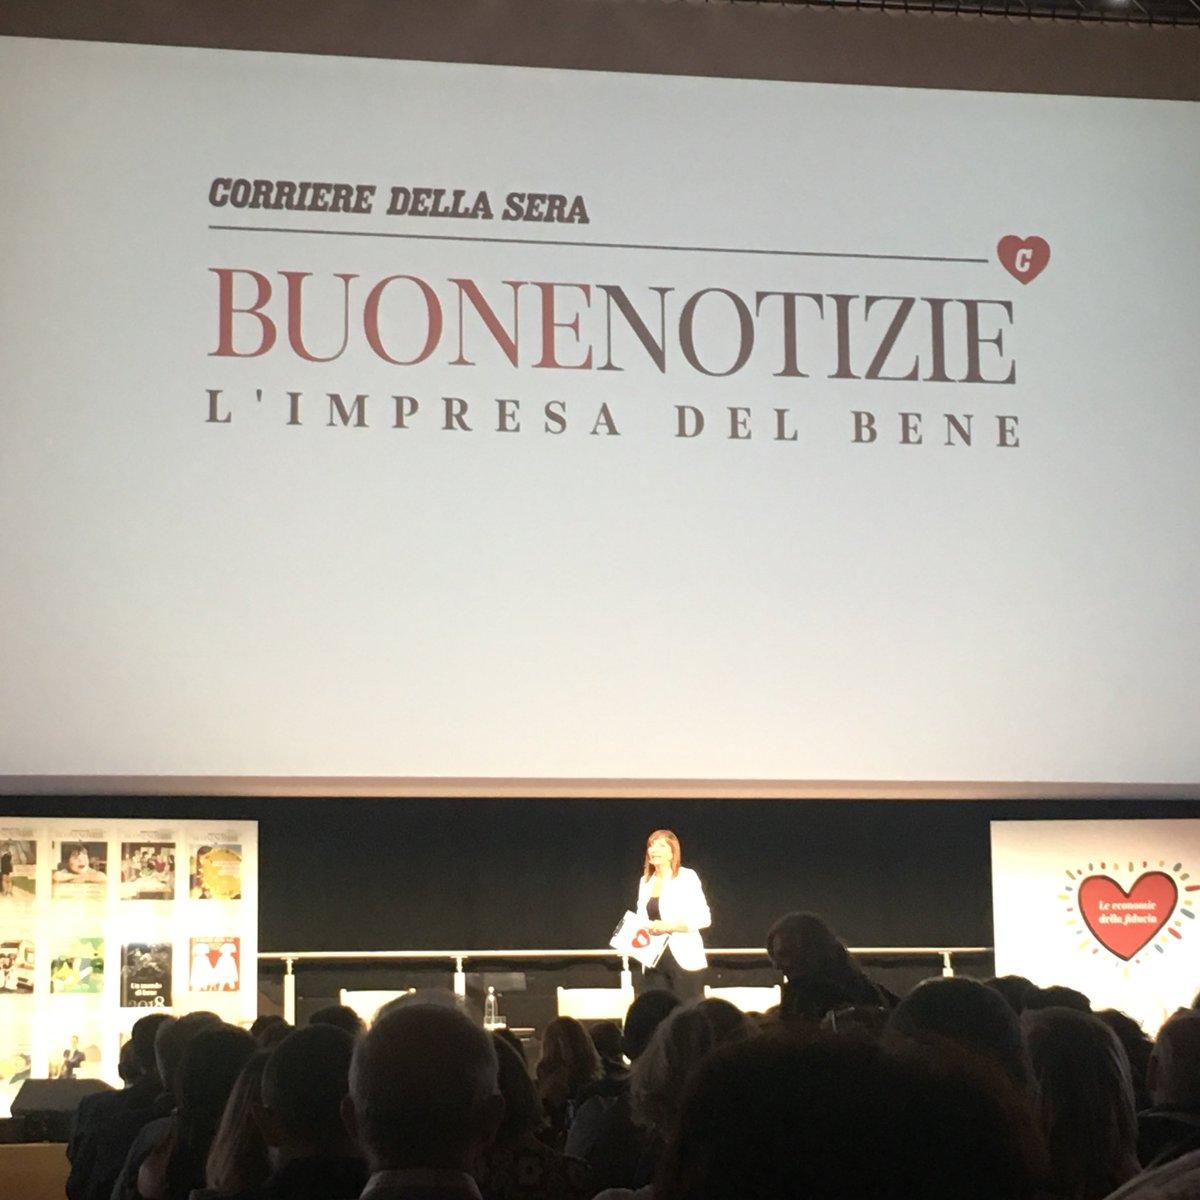 Buon primo compleanno @CorriereBN. Un anno, e per fortuna di successo, dedicato alla forza e al vero senso del #TerzoSettore  - Ukustom